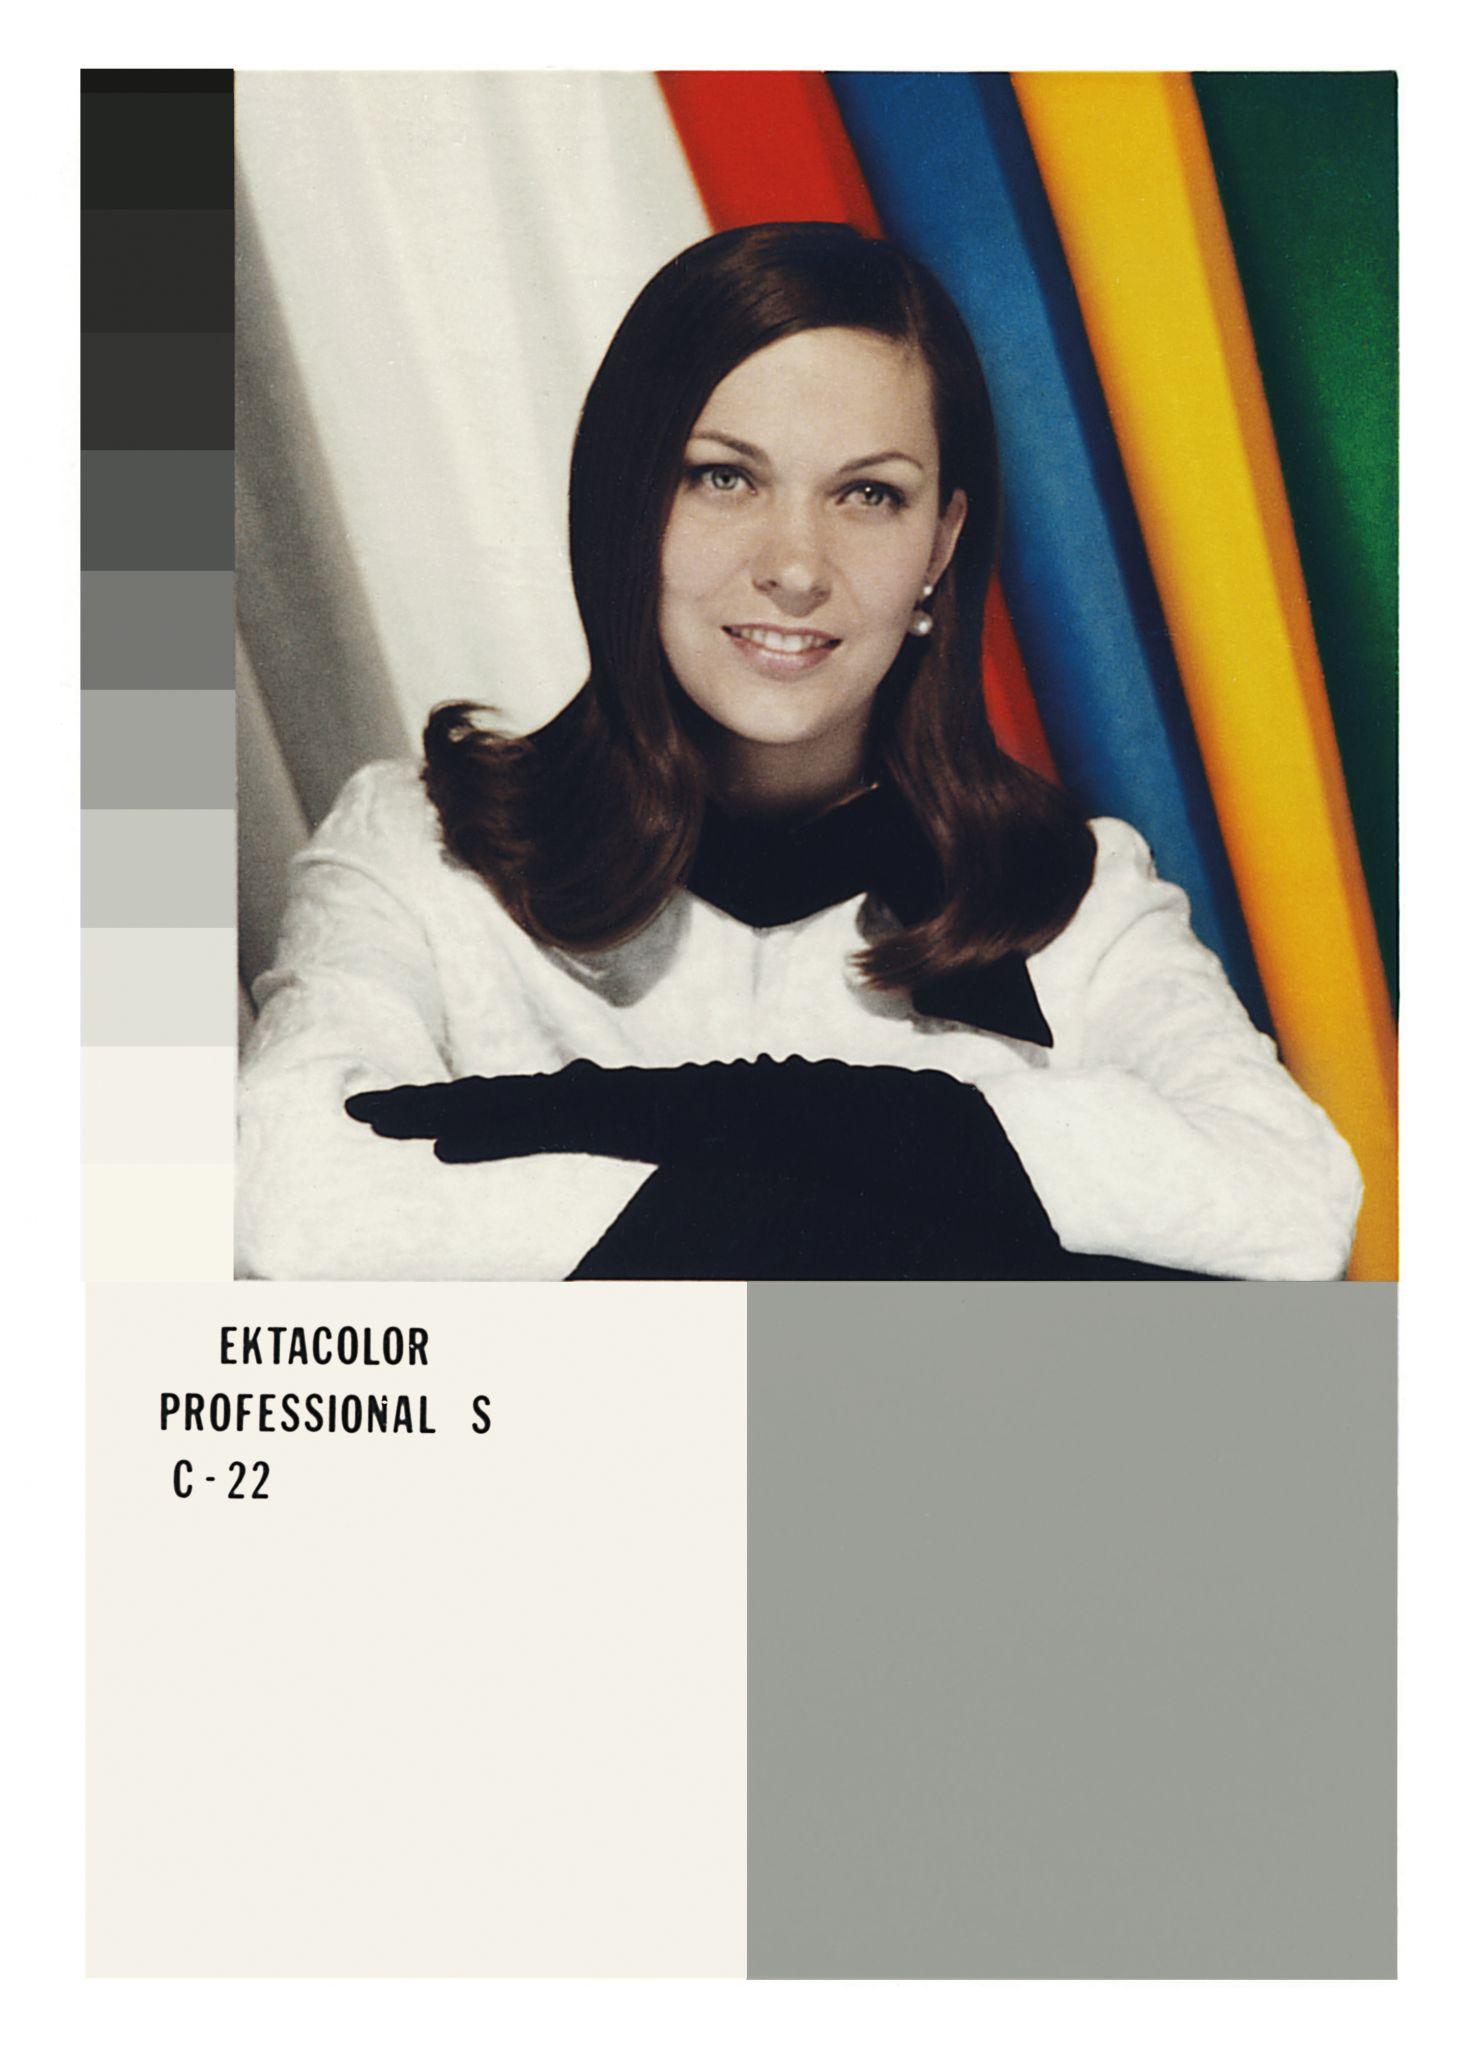 Shirley card, pesquisa de Lorna Roth - Divulgacao FESTIVAL ZUM